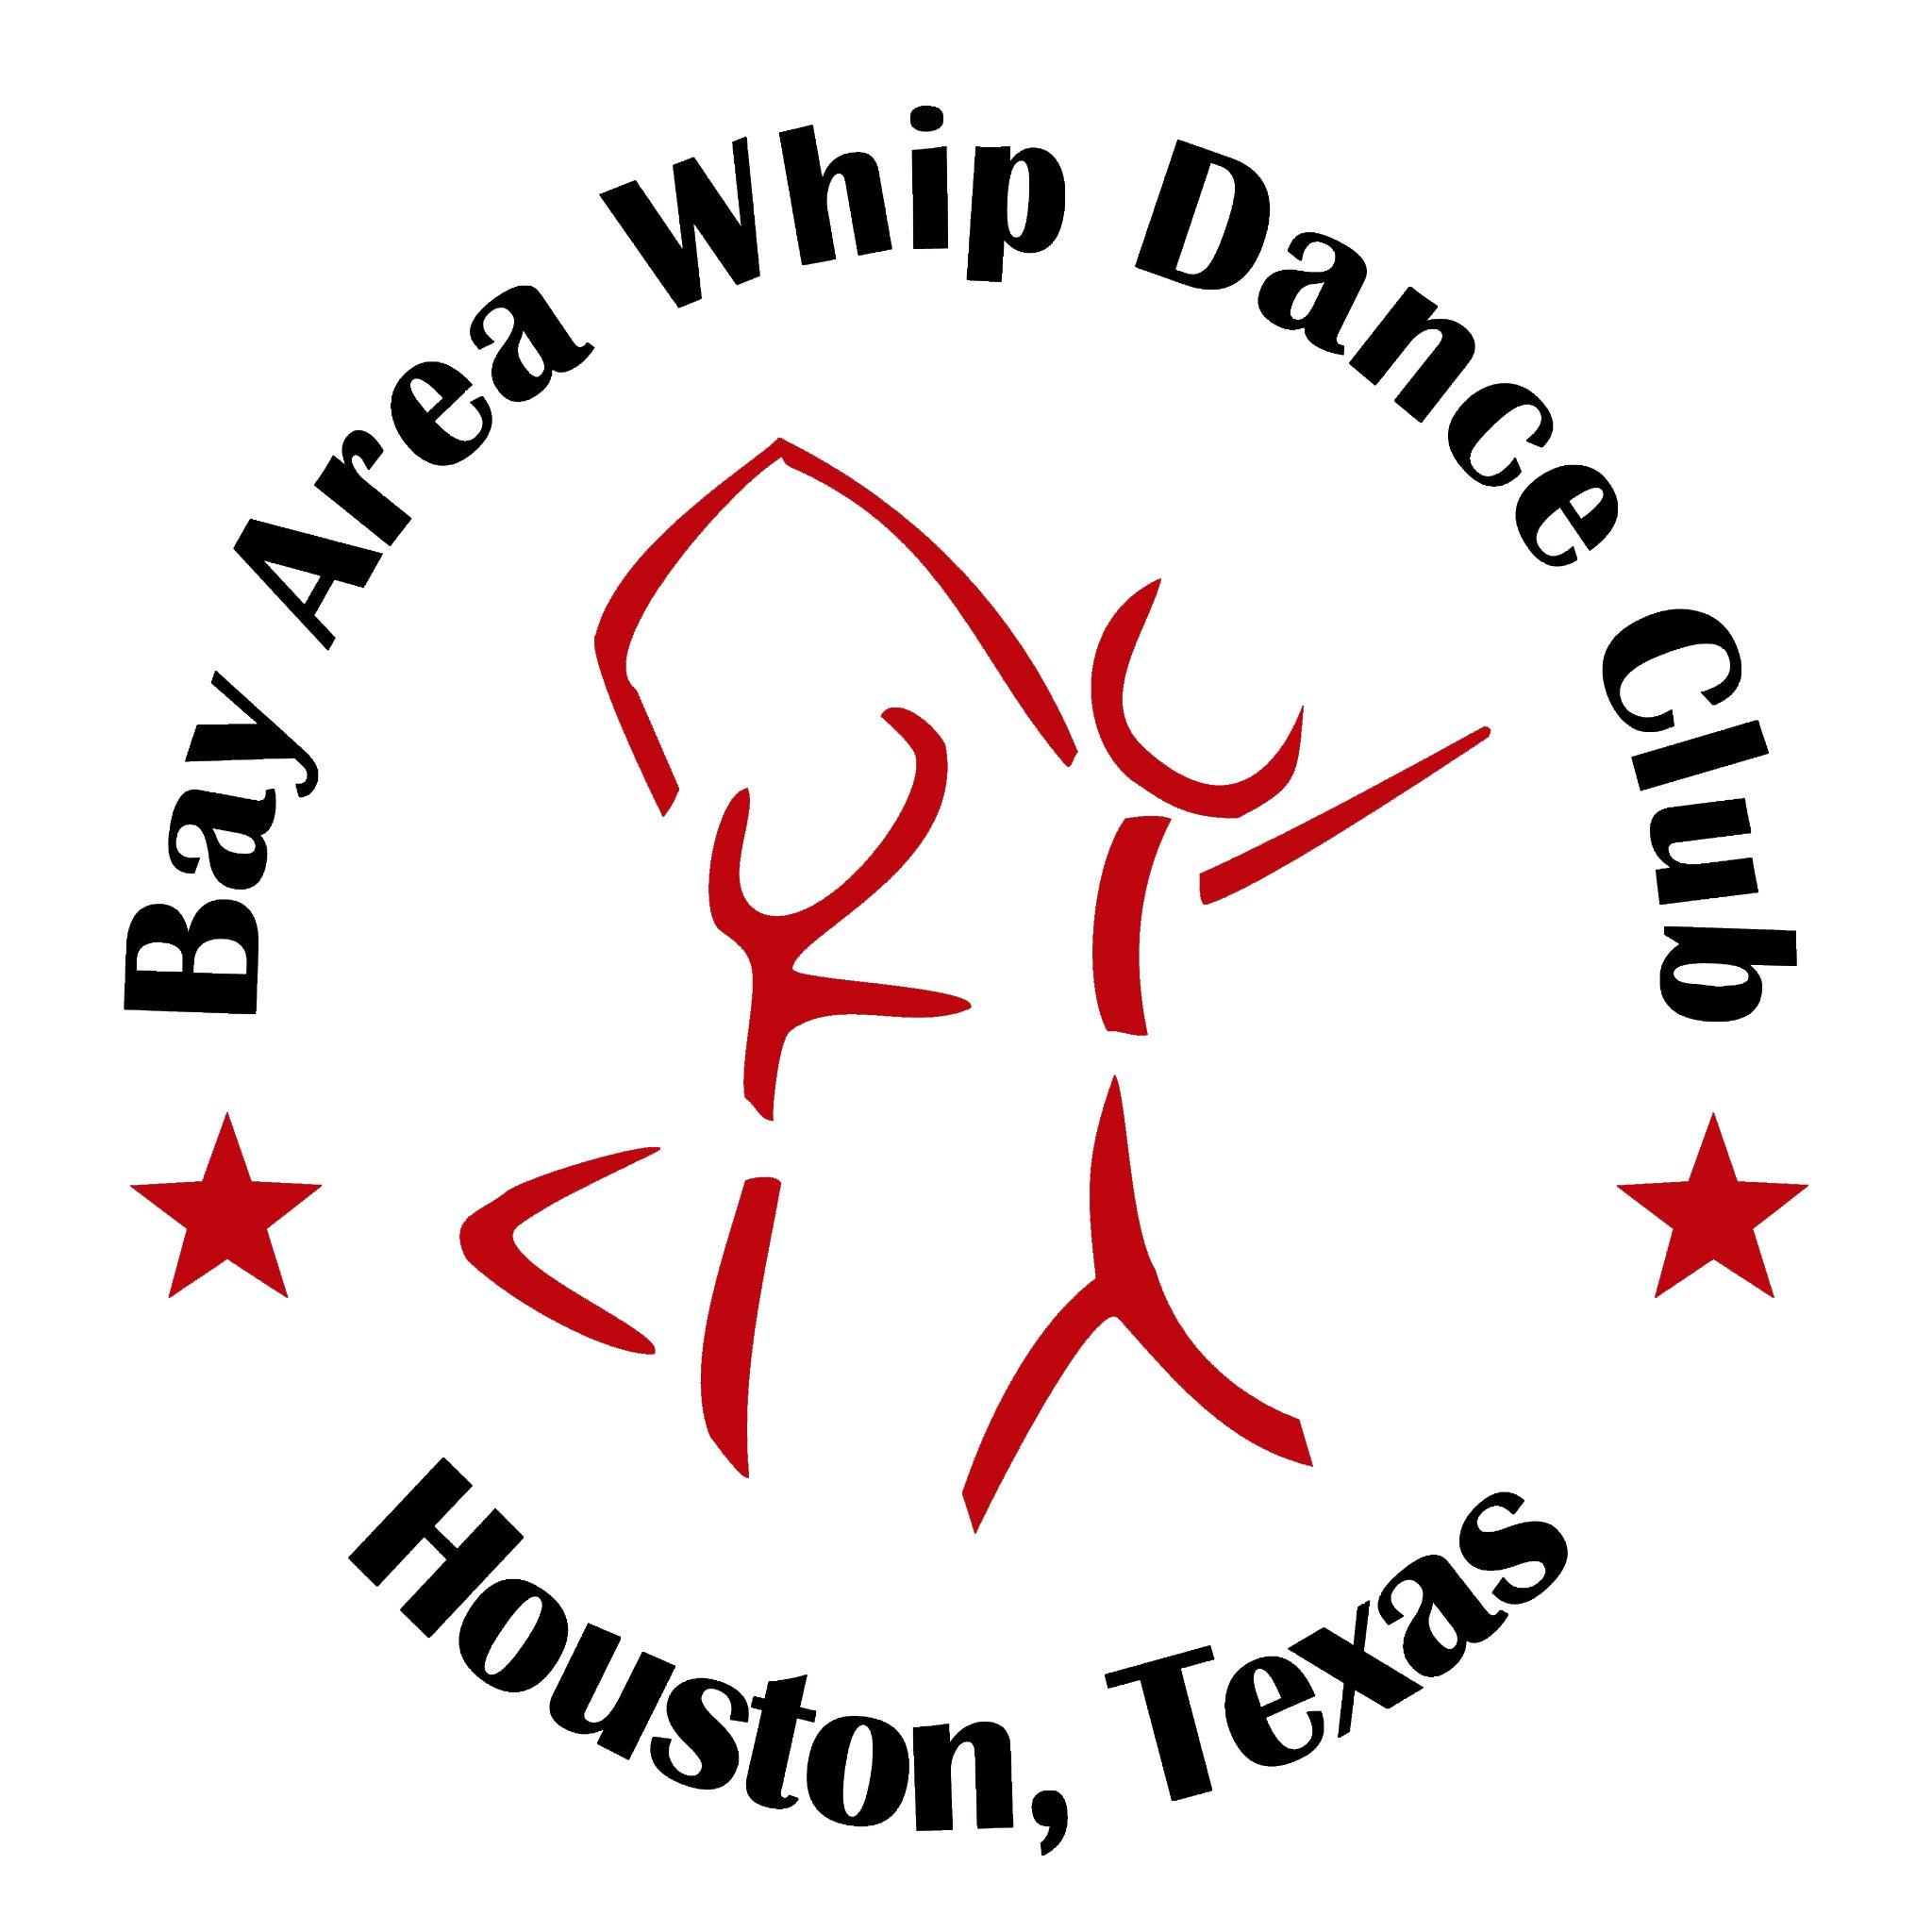 Bay Area Whip Dance (@BAWDC1).